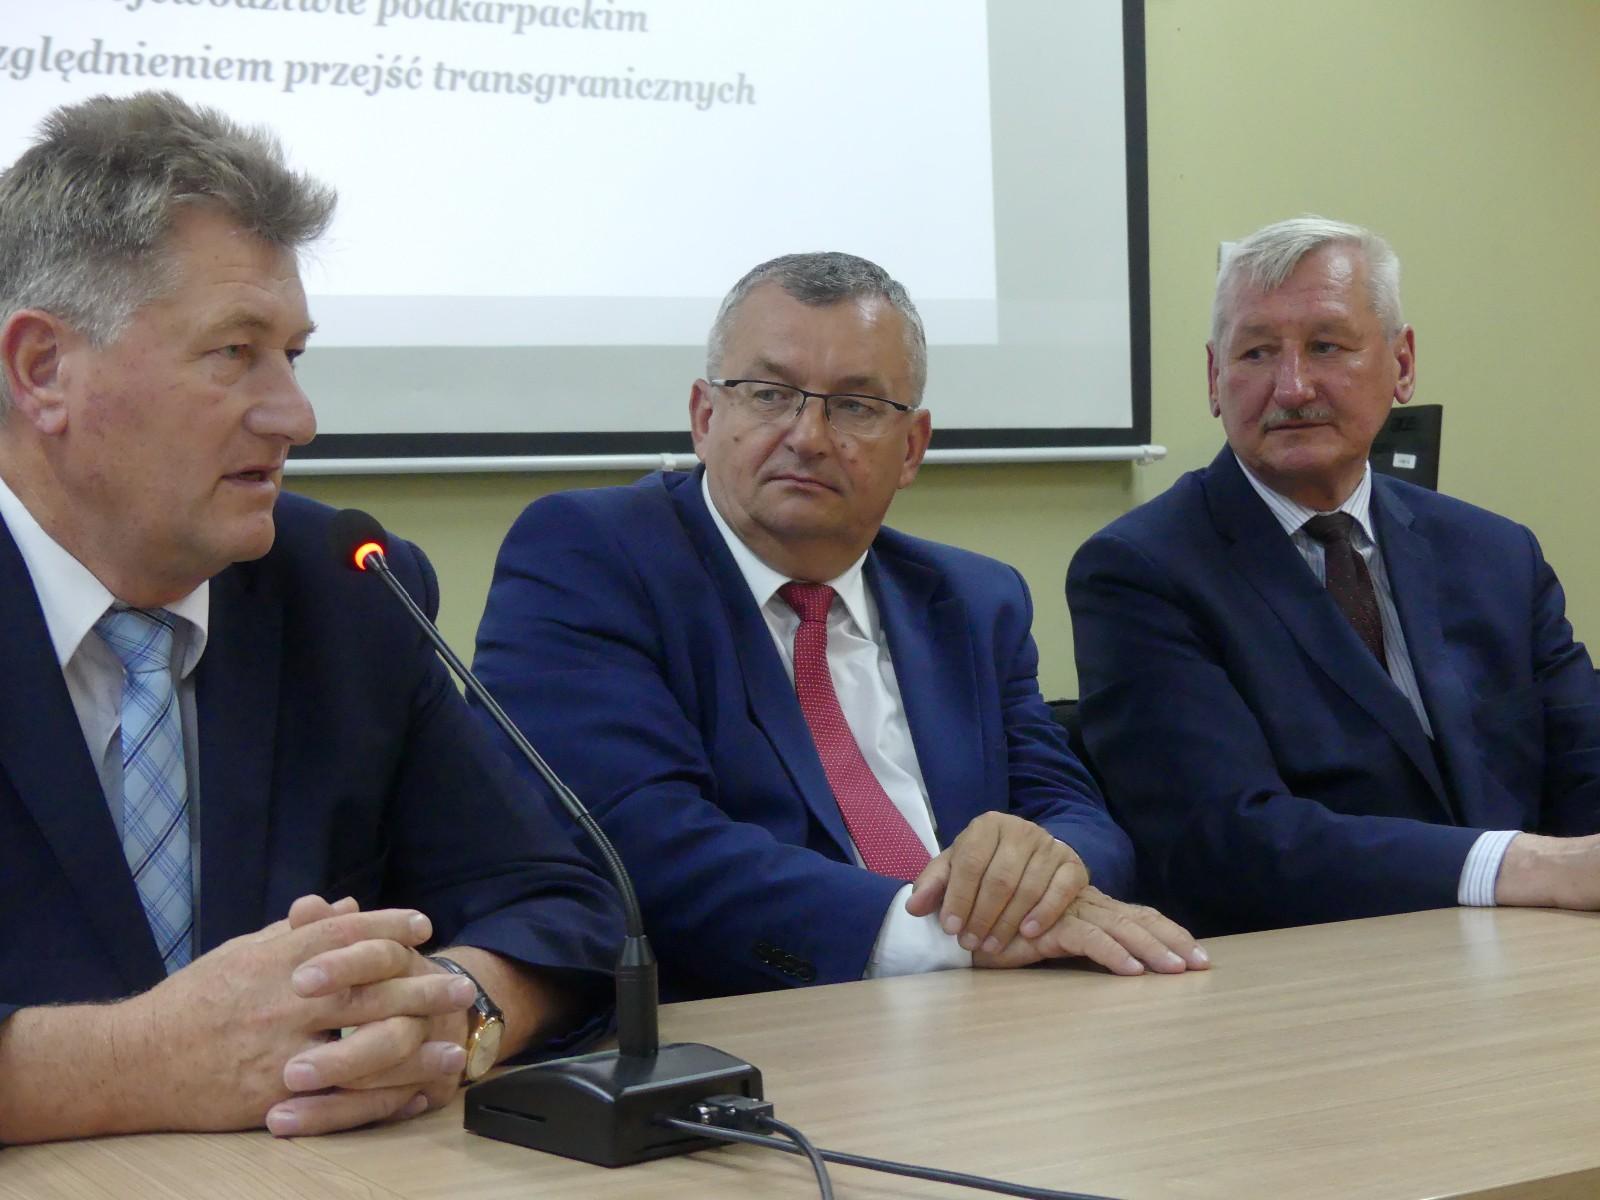 Wizyta ministra Adamczyka w Jaśle